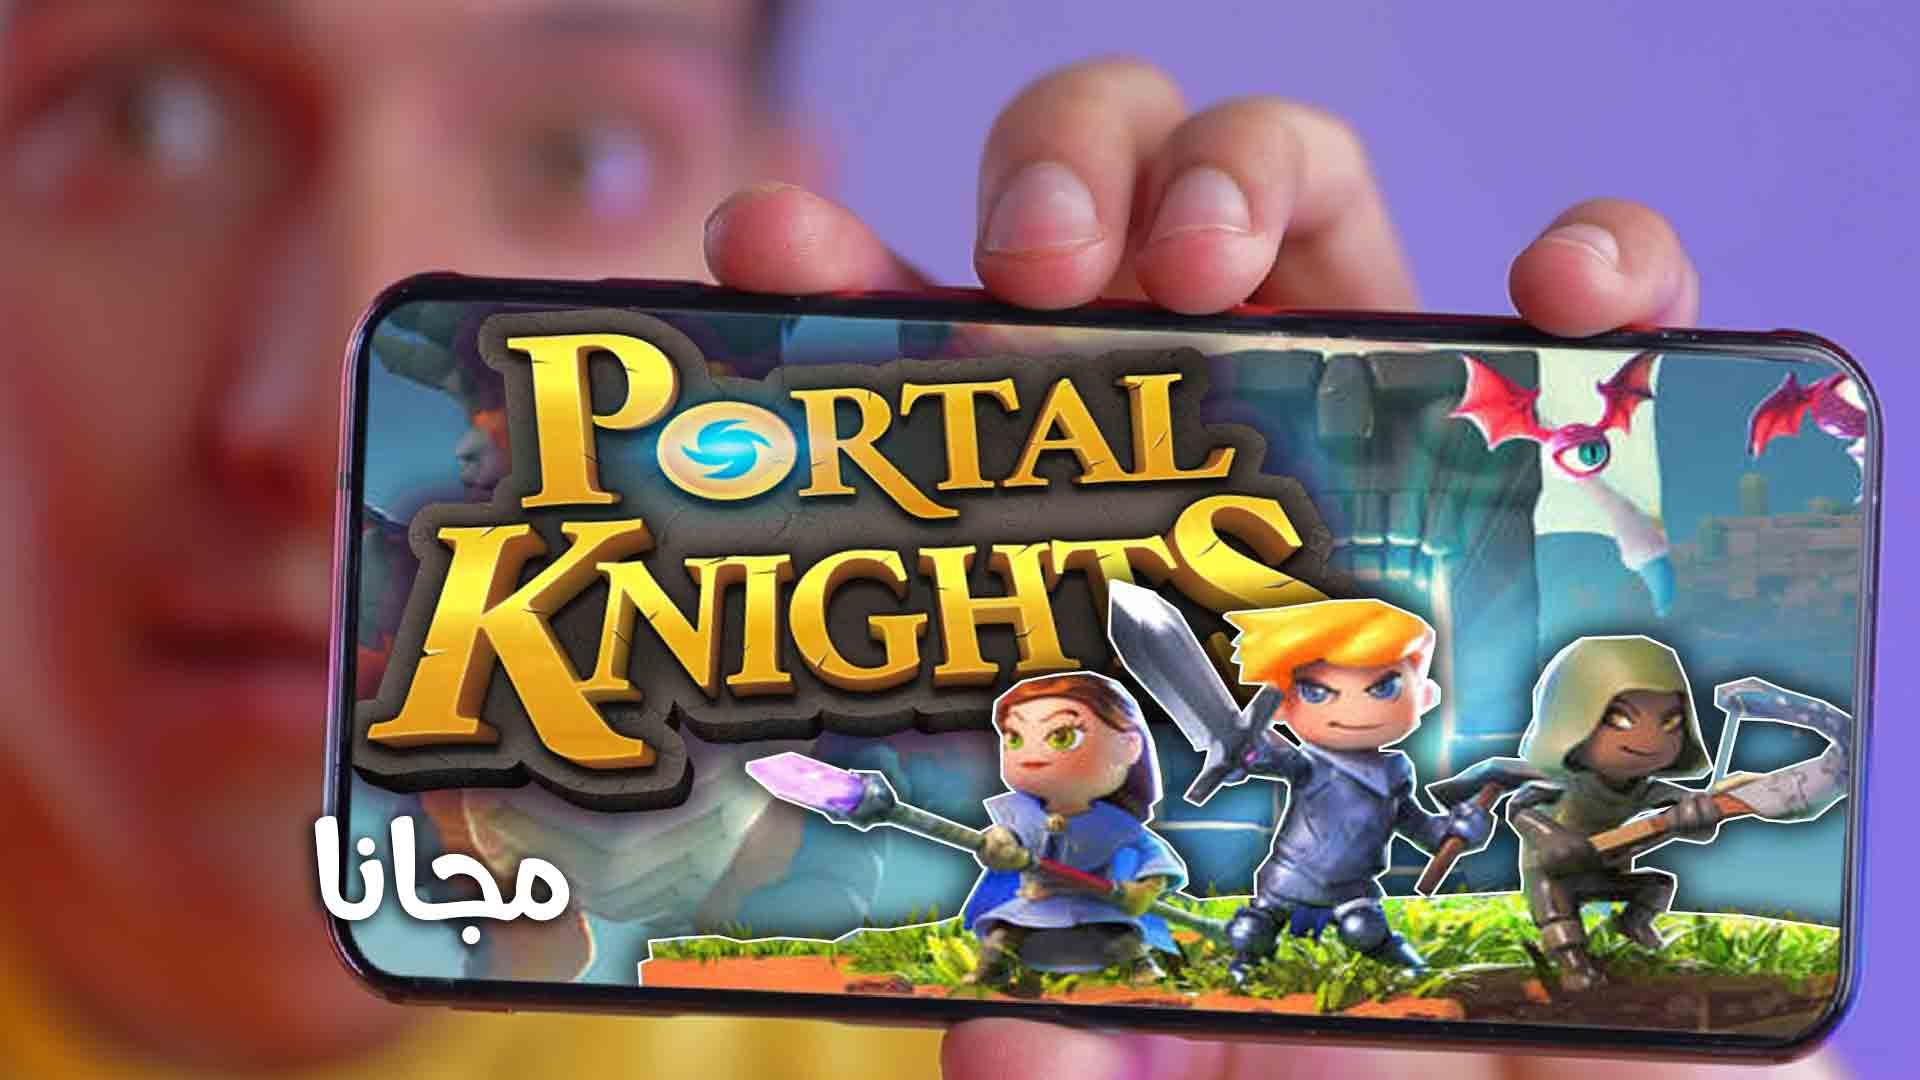 تحميل اجمد العاب العالم المفتوح - لعبة Portal Knights للاندرويد